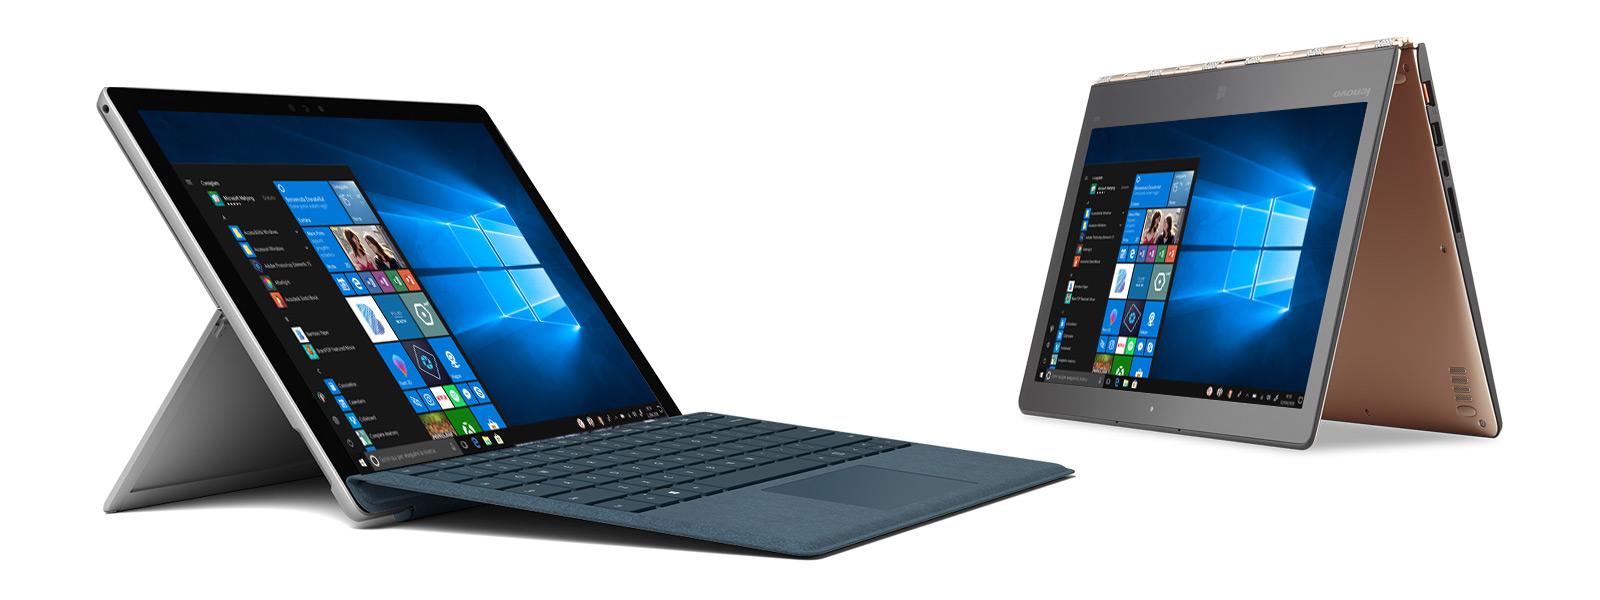 Vista angolare destra di un dispositivo Microsoft Surface Pro e vista angolare sinistra di un dispositivo HP Spectre x360 in modalità tenda.